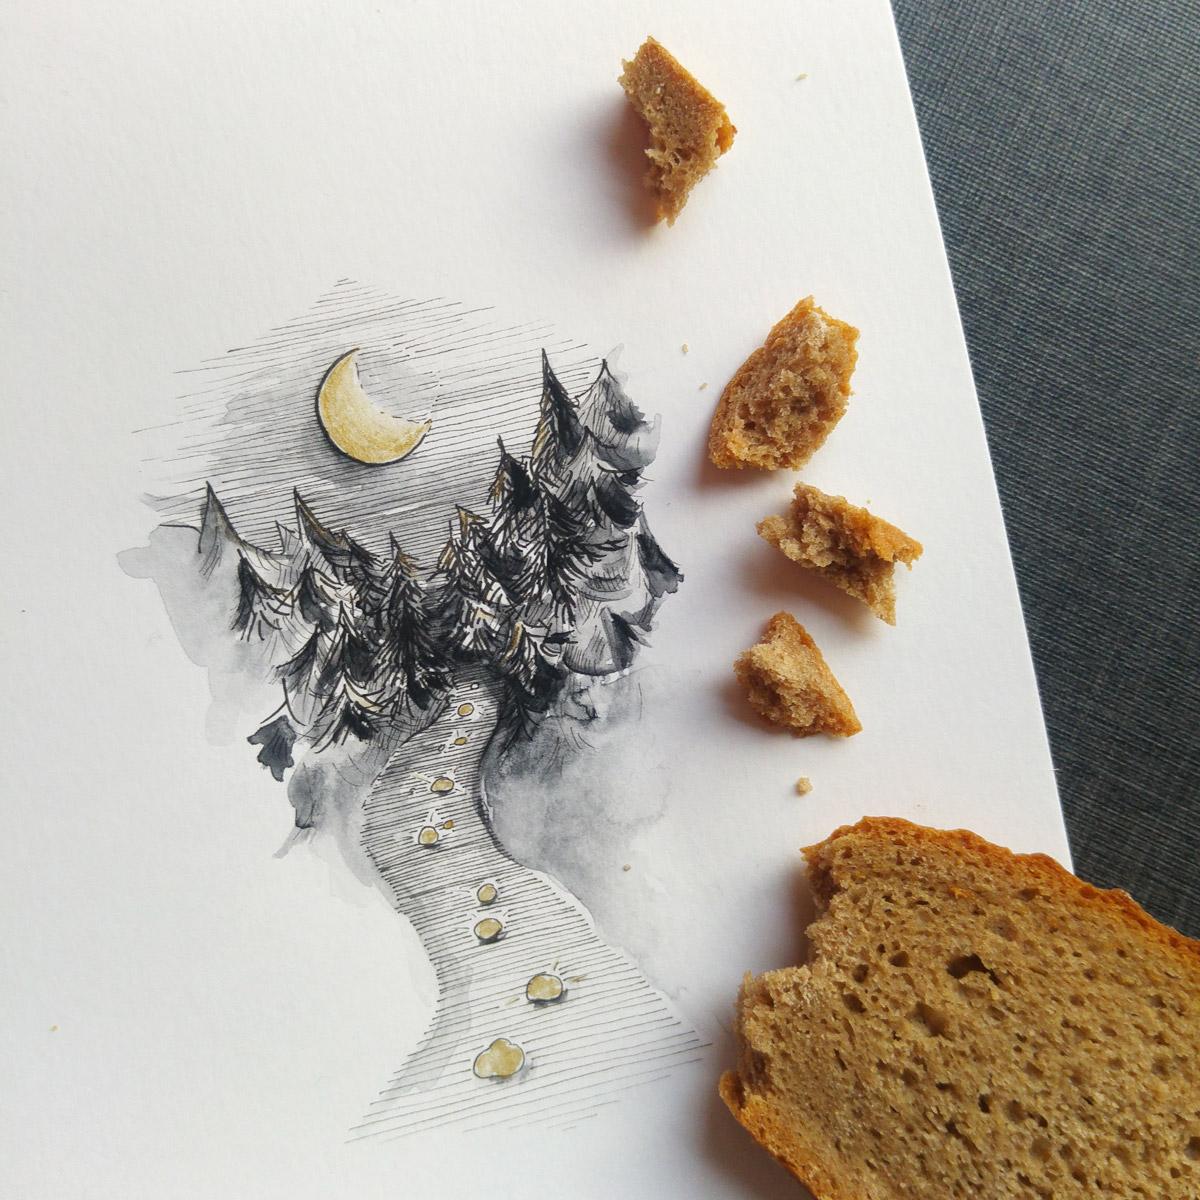 Beim zweiten Mal hatte Hänsel nur das Brot um mit den Krumen den Weg in den Wald zu markieren. Doch die Vögel pickten sie auf.